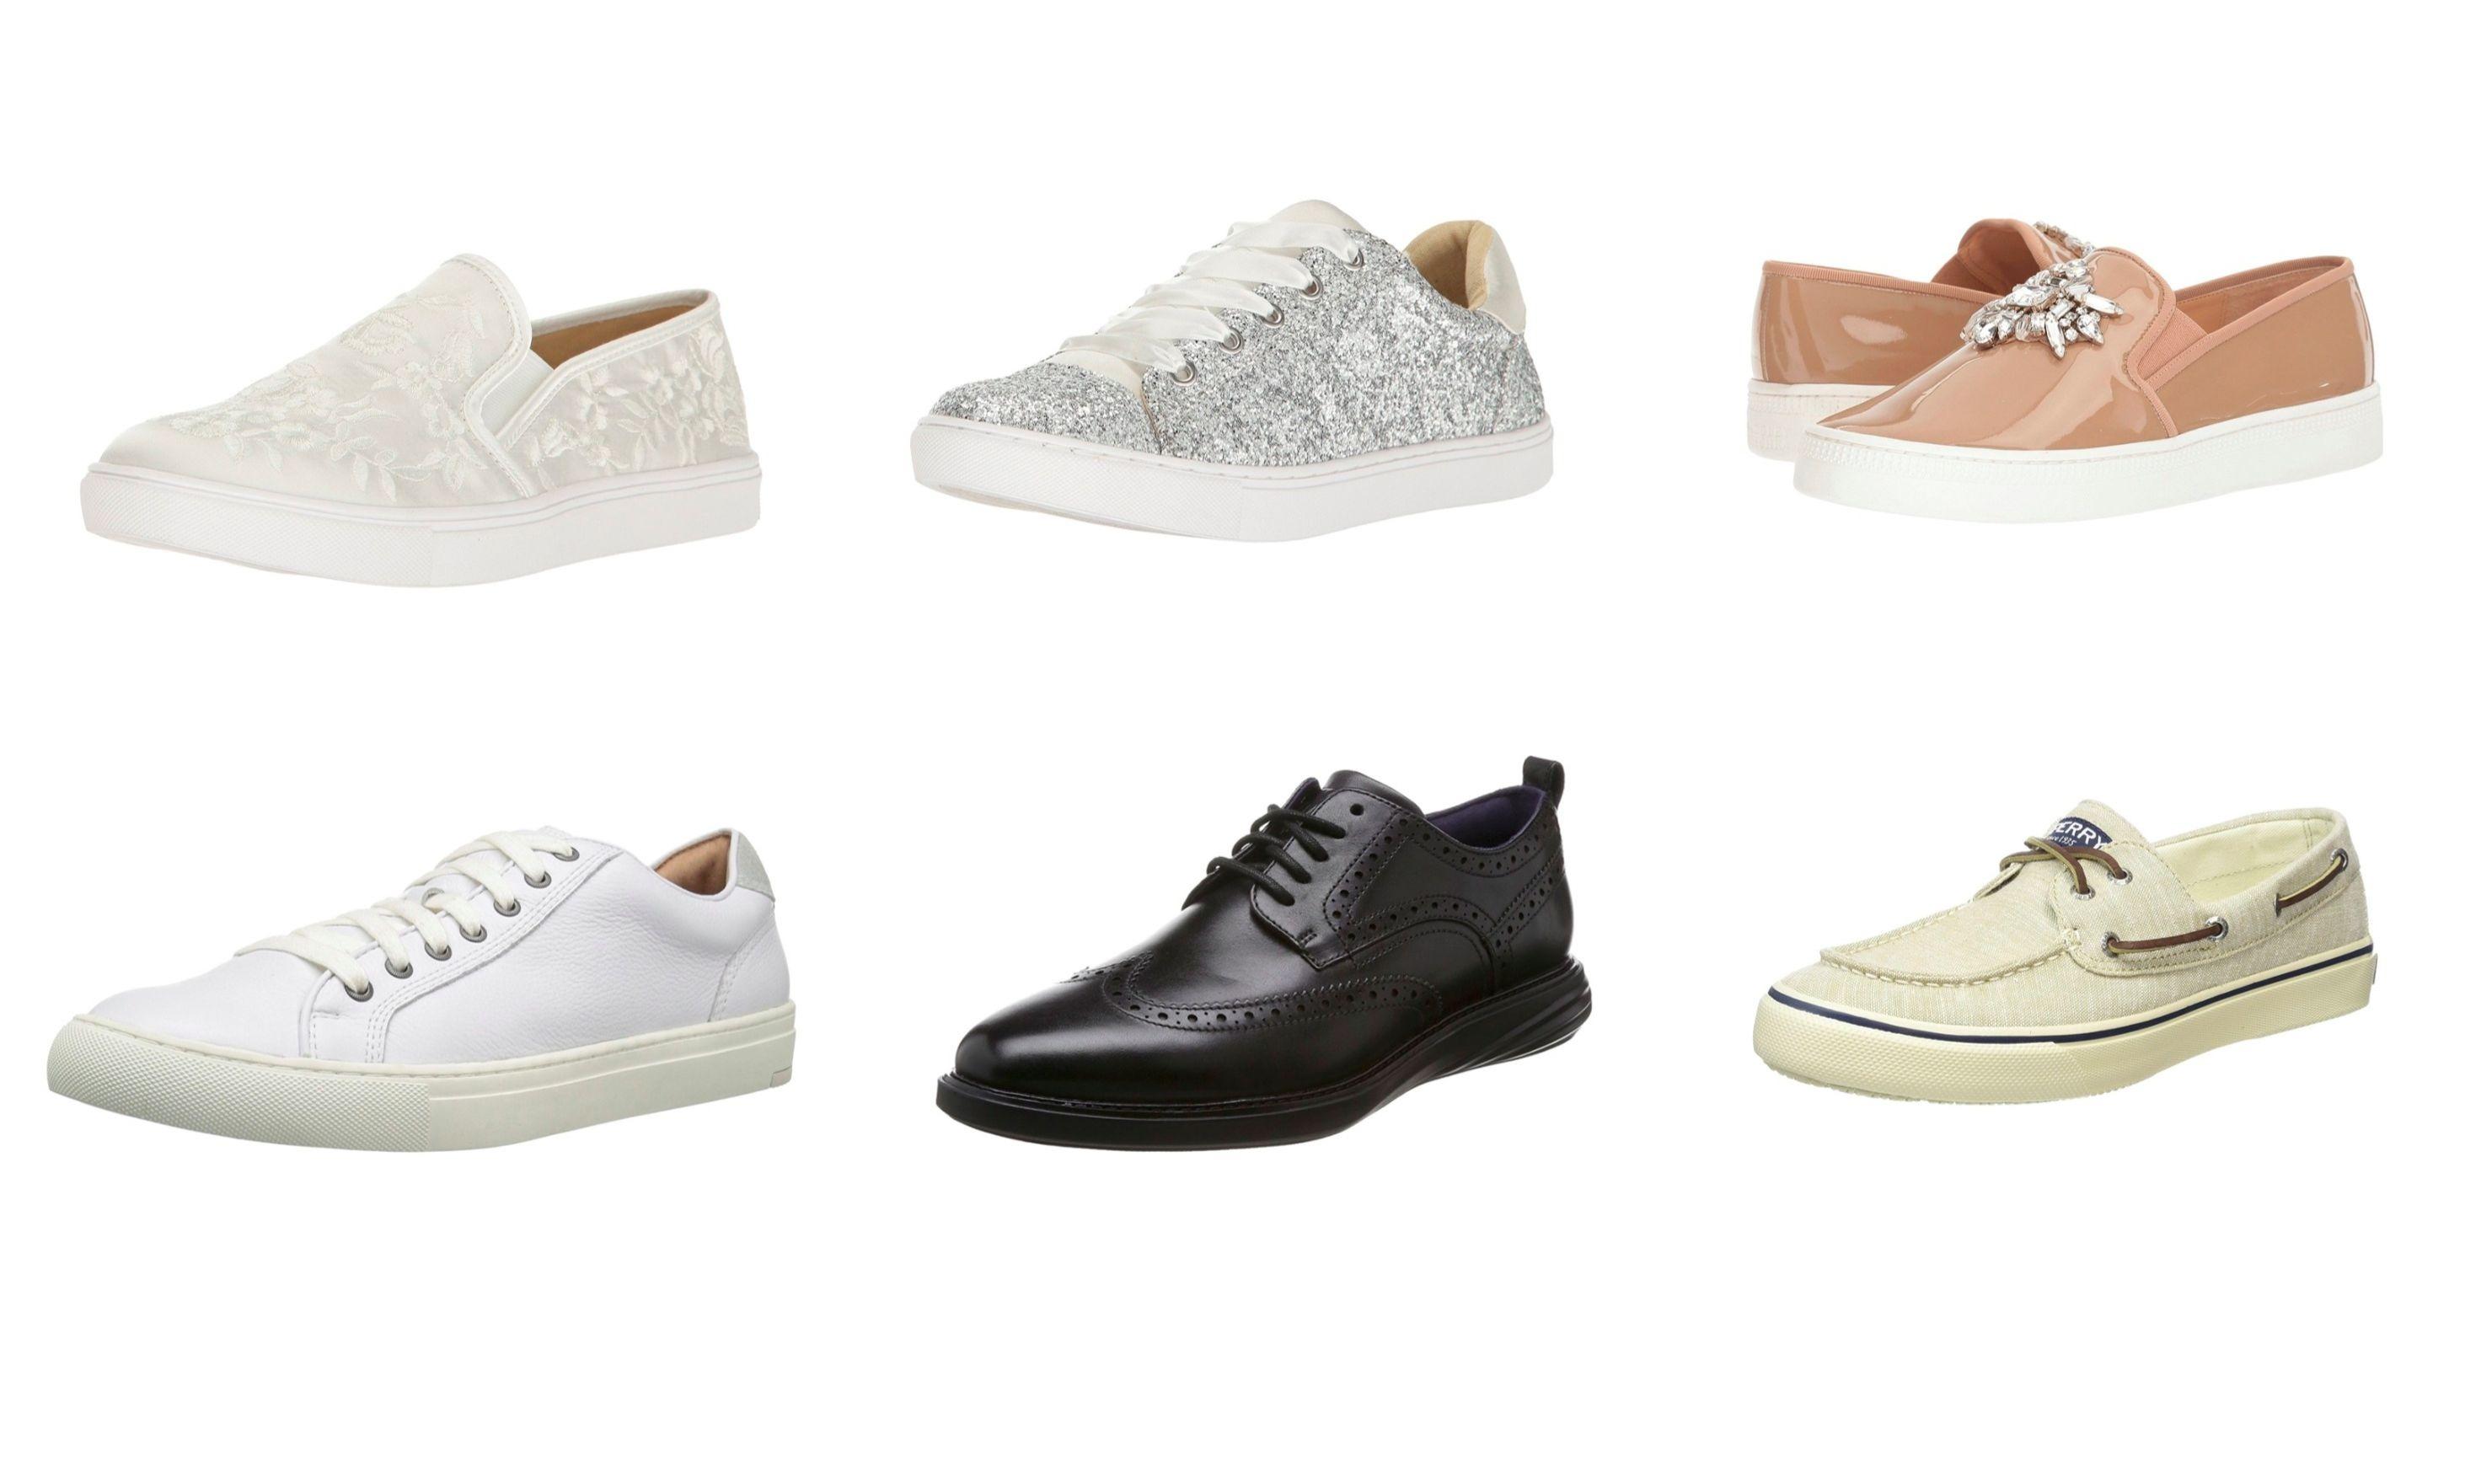 Best Wedding Sneakers for Men \u0026 Women